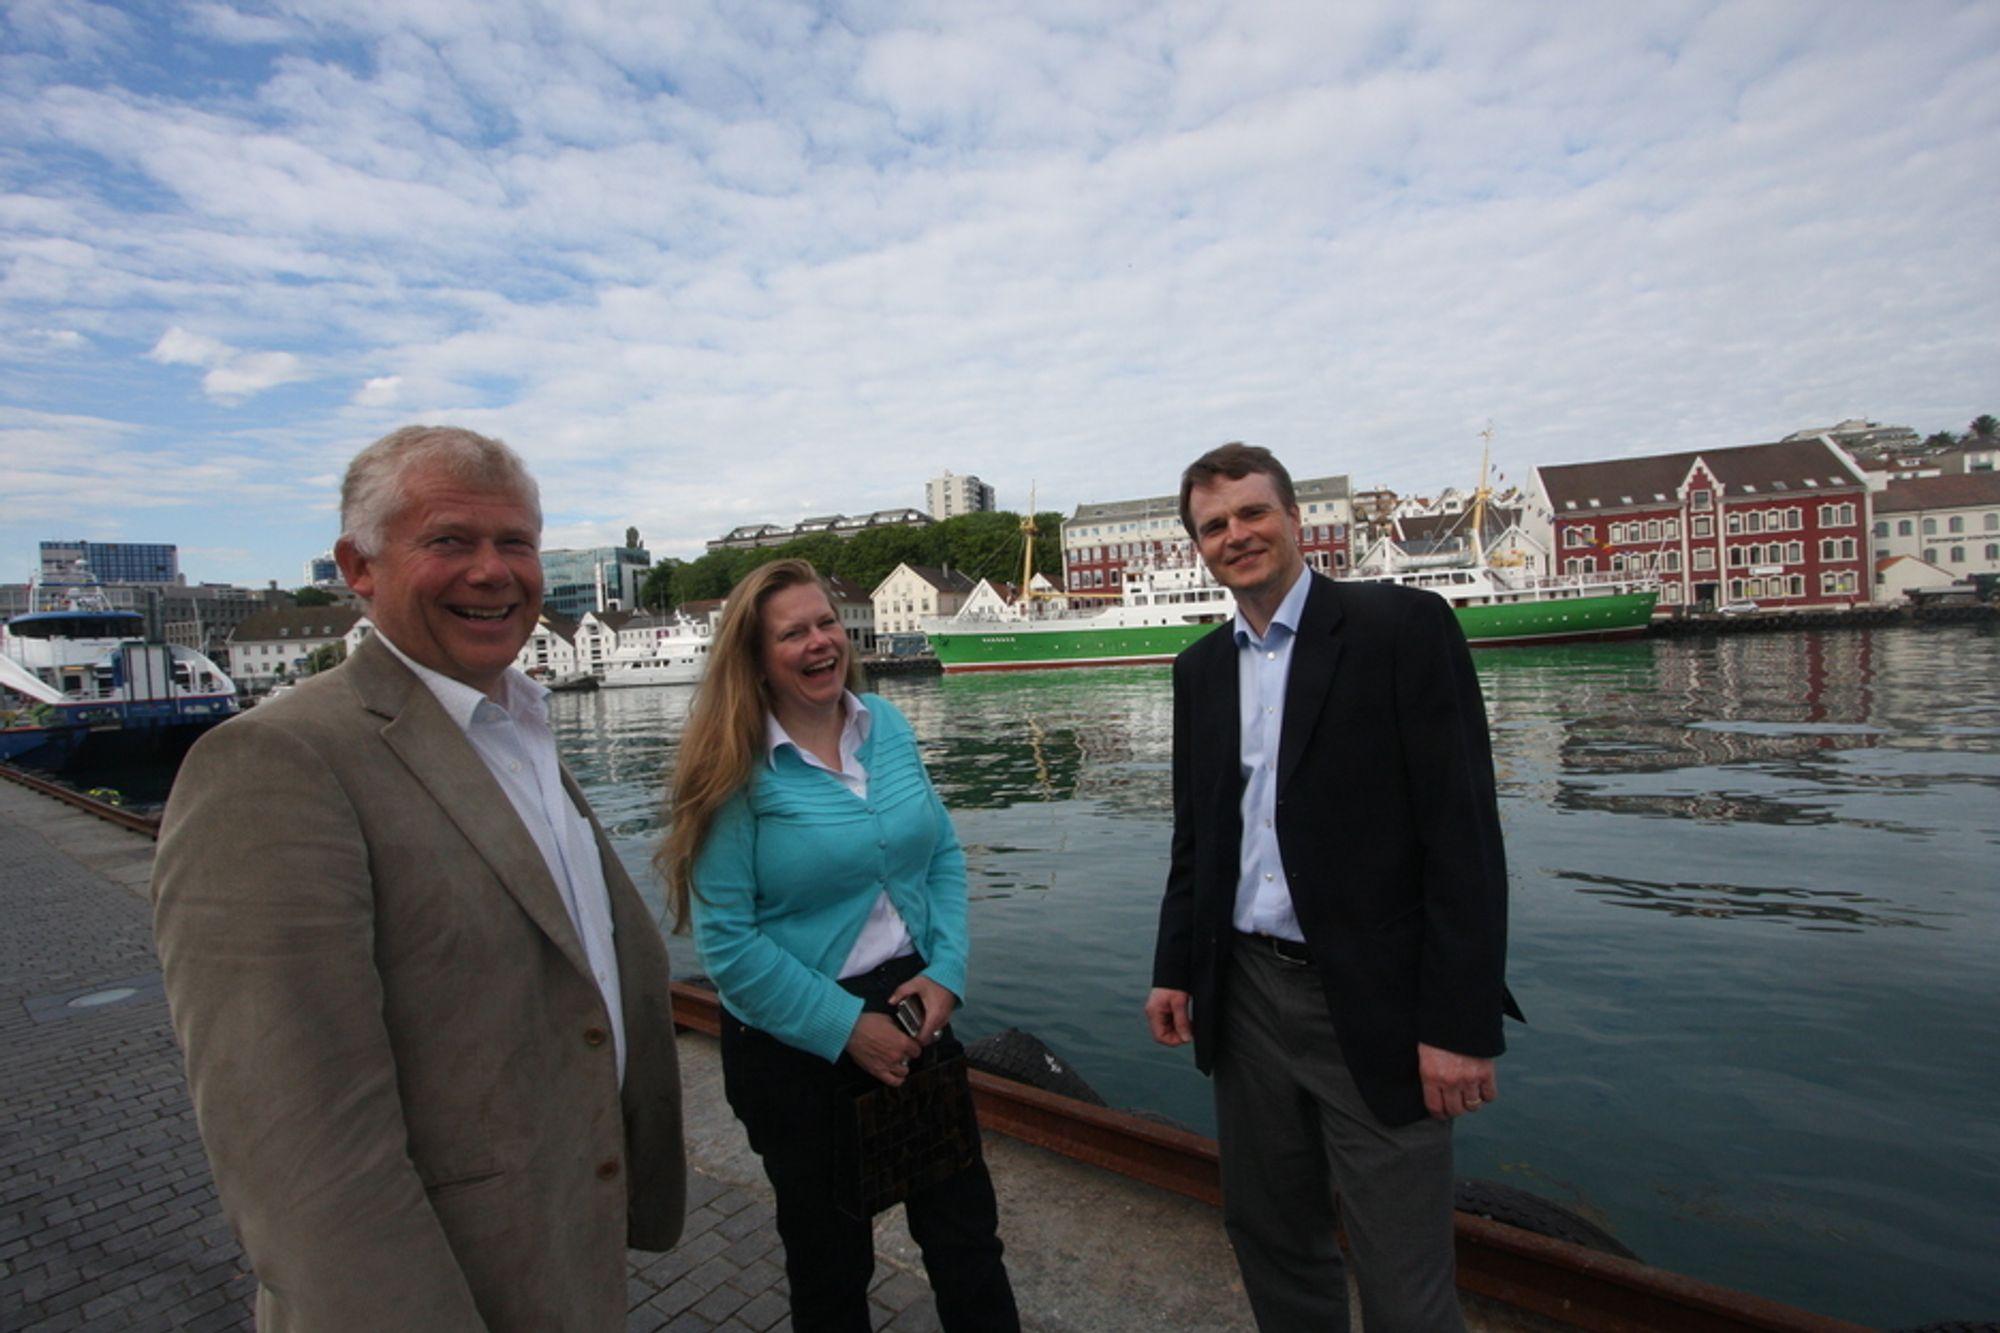 BORER FORT: Steinar Berg, direktør for brønndivisjonen, kommunikasjonssjef Torund D. Bryhn og administrerende direktør Sjur Talstad er strålende fornøyde etter fullføringen av brønn nummer 400.